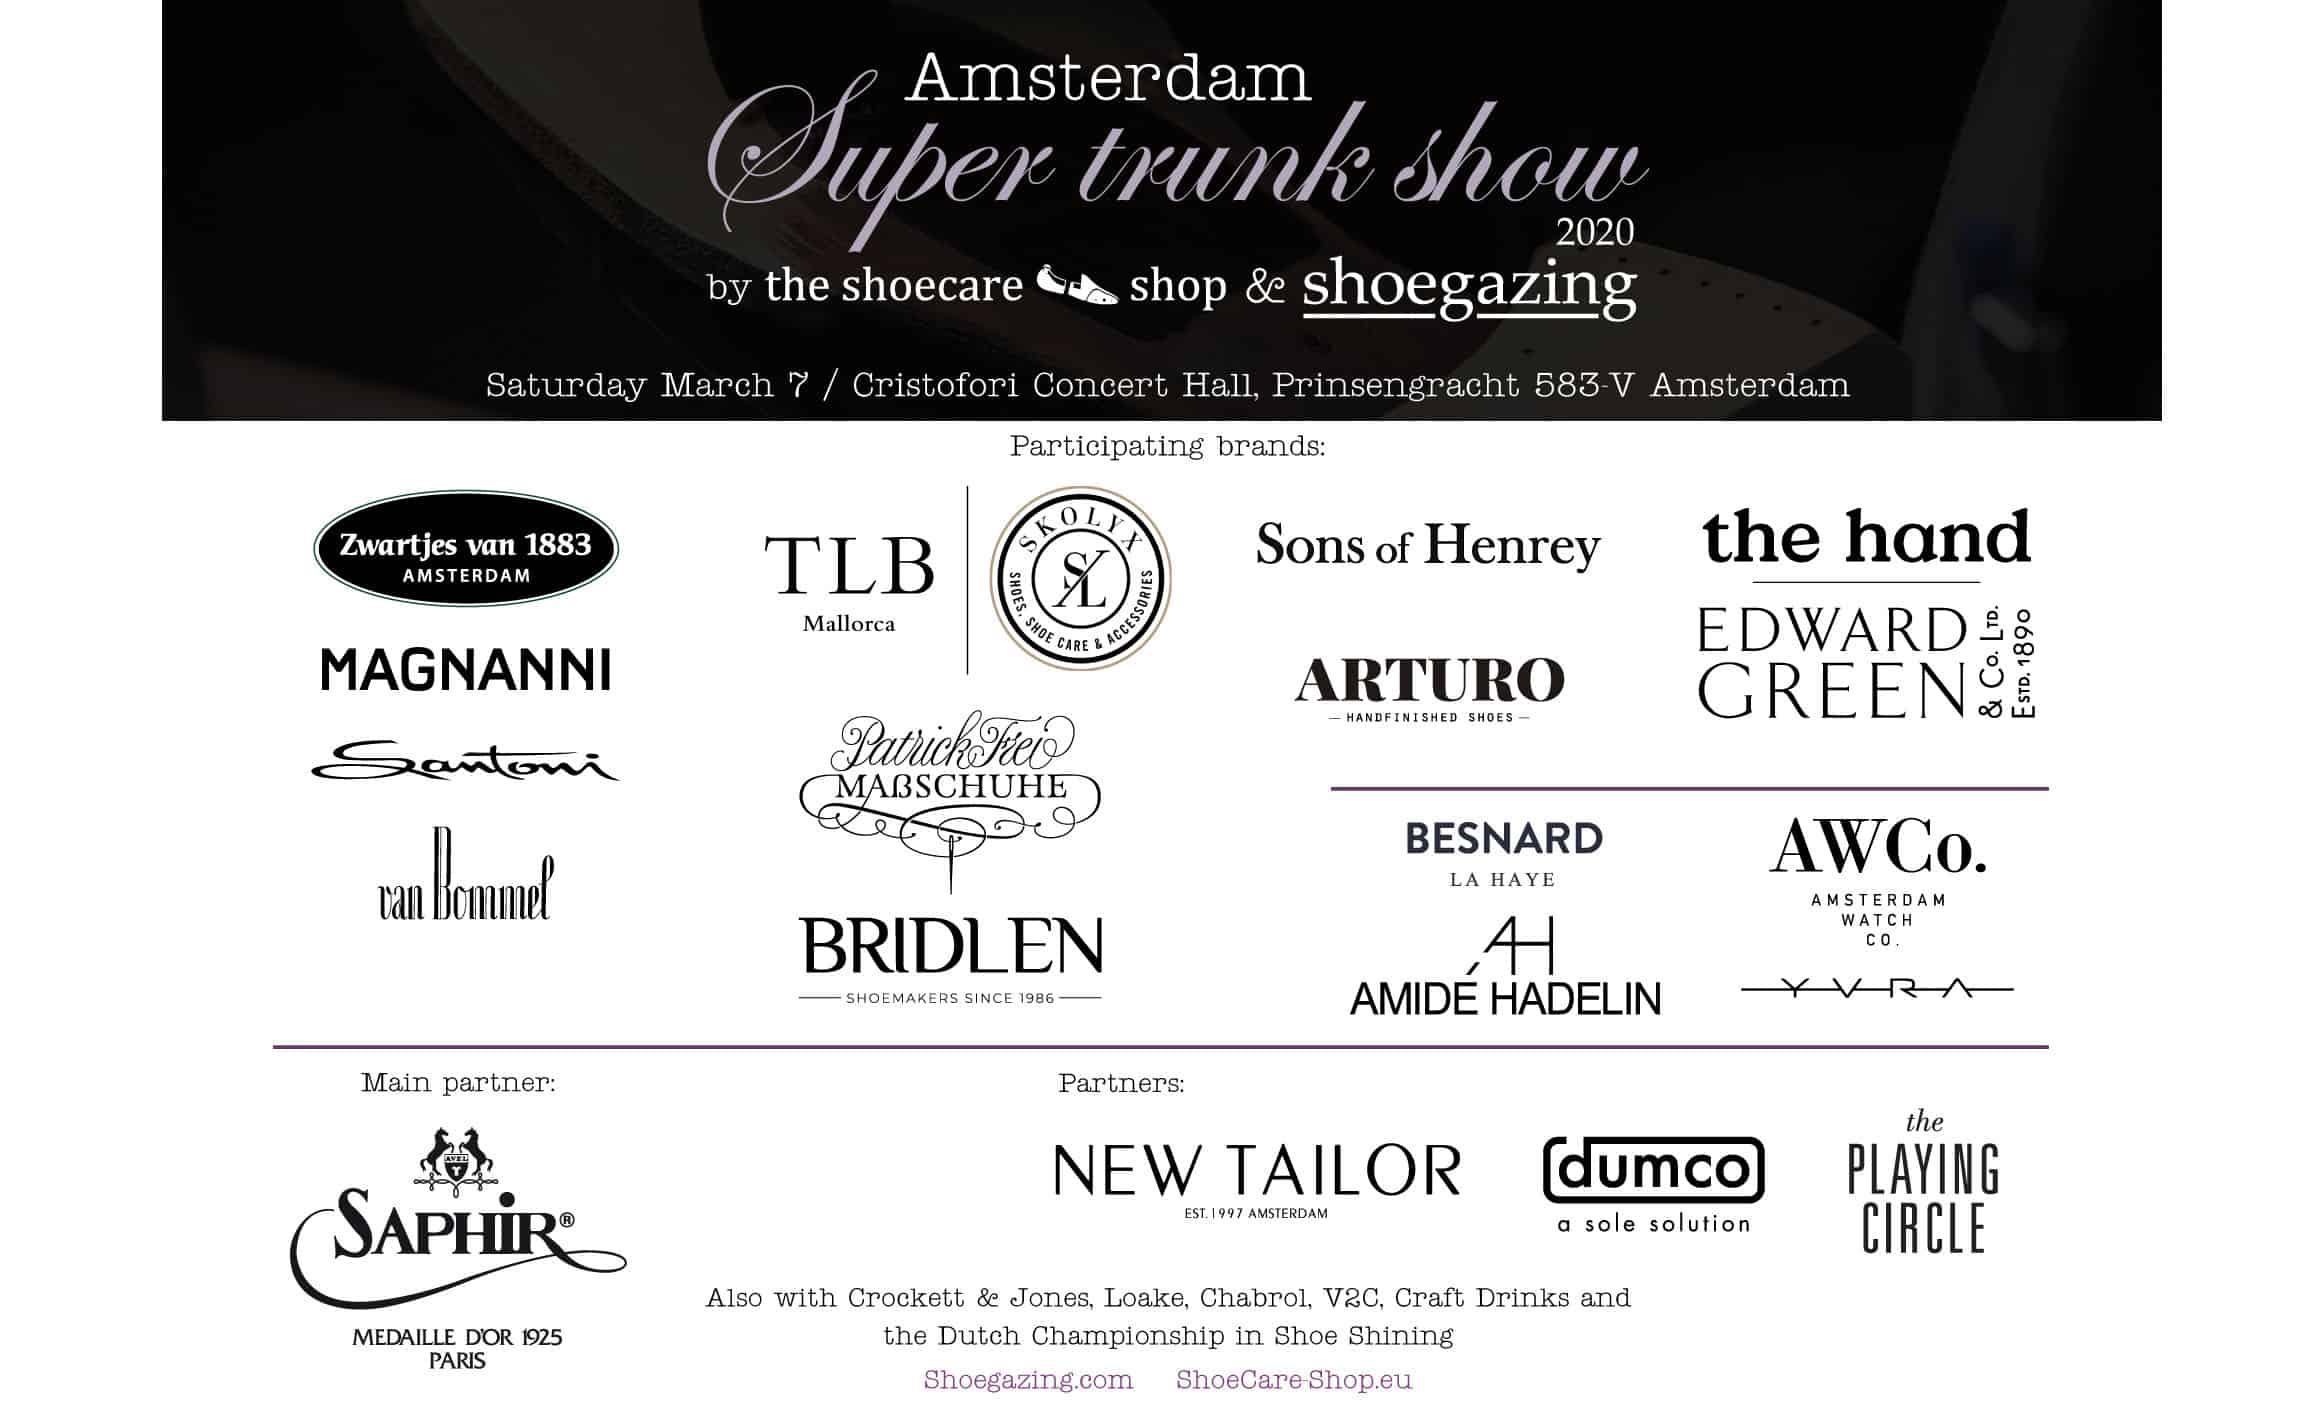 Amsterdam Super Trunk Show 2020